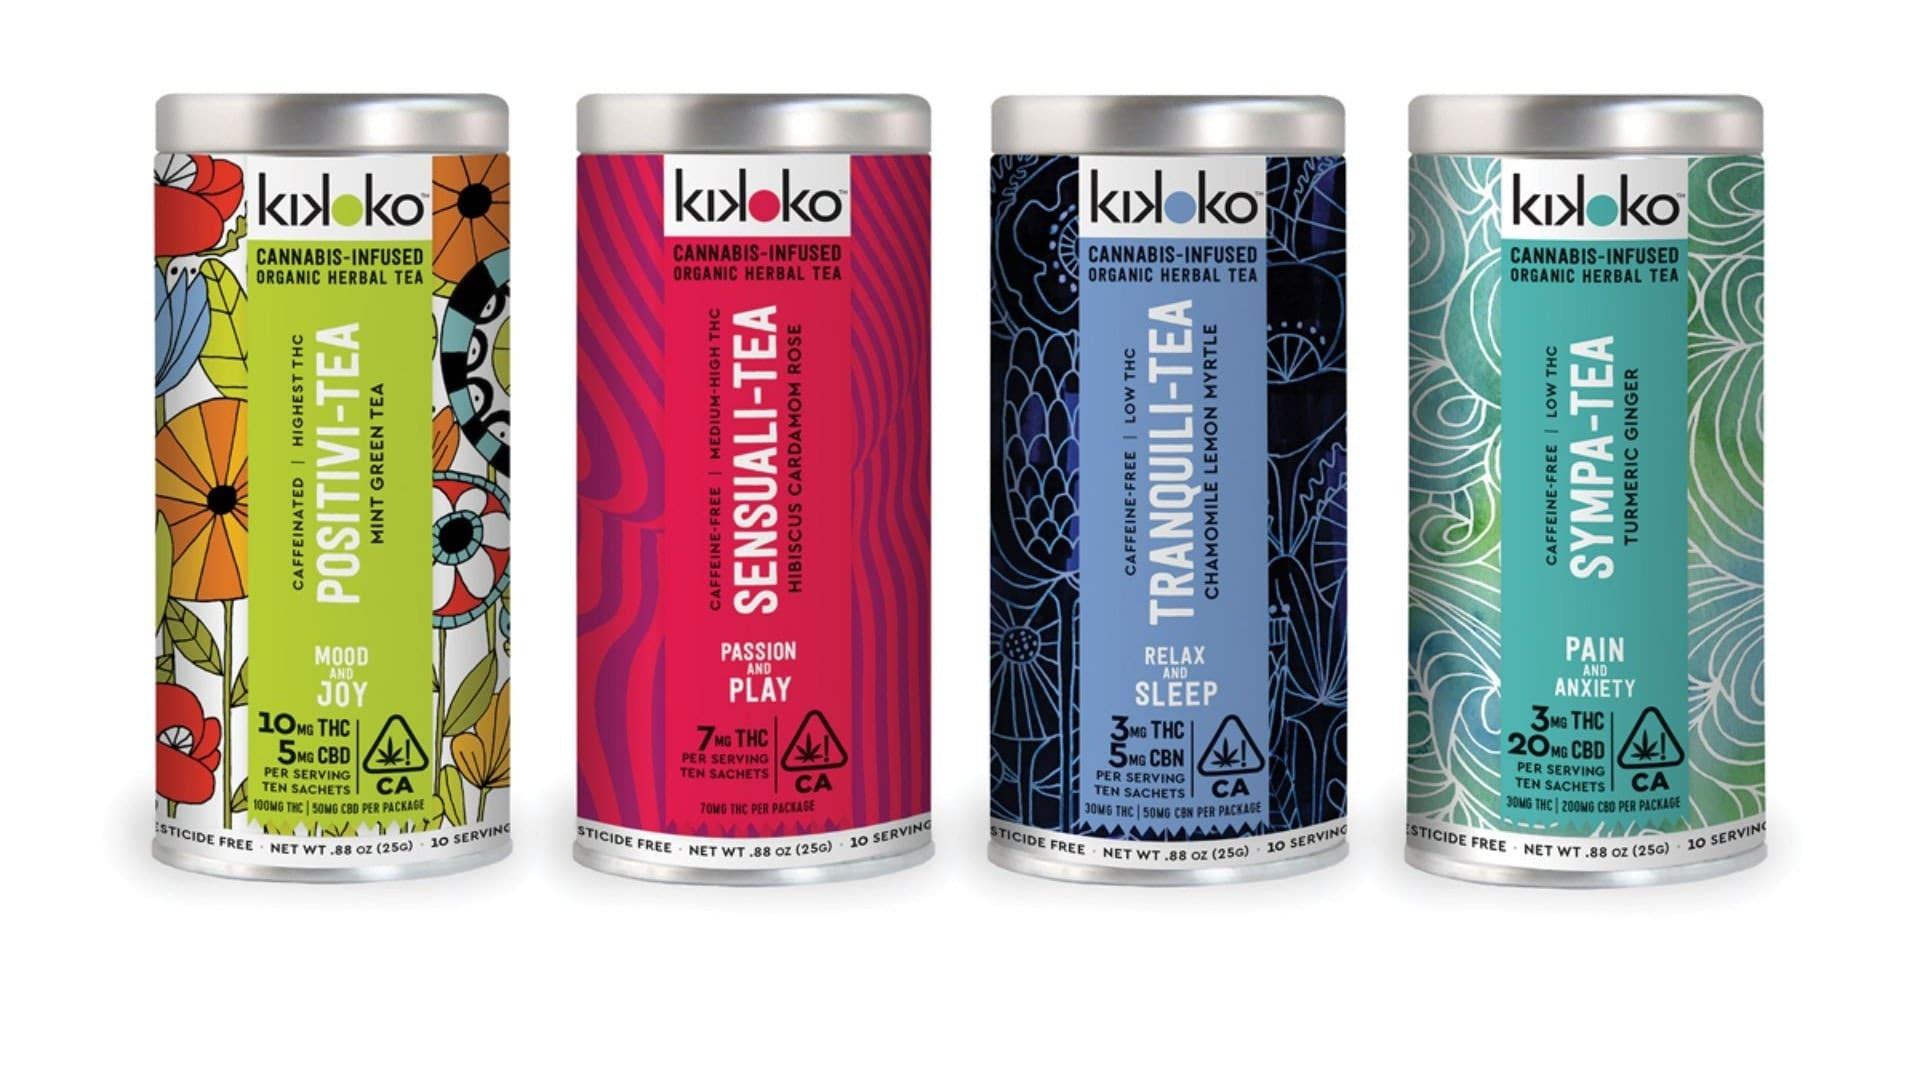 kikoko 1 image